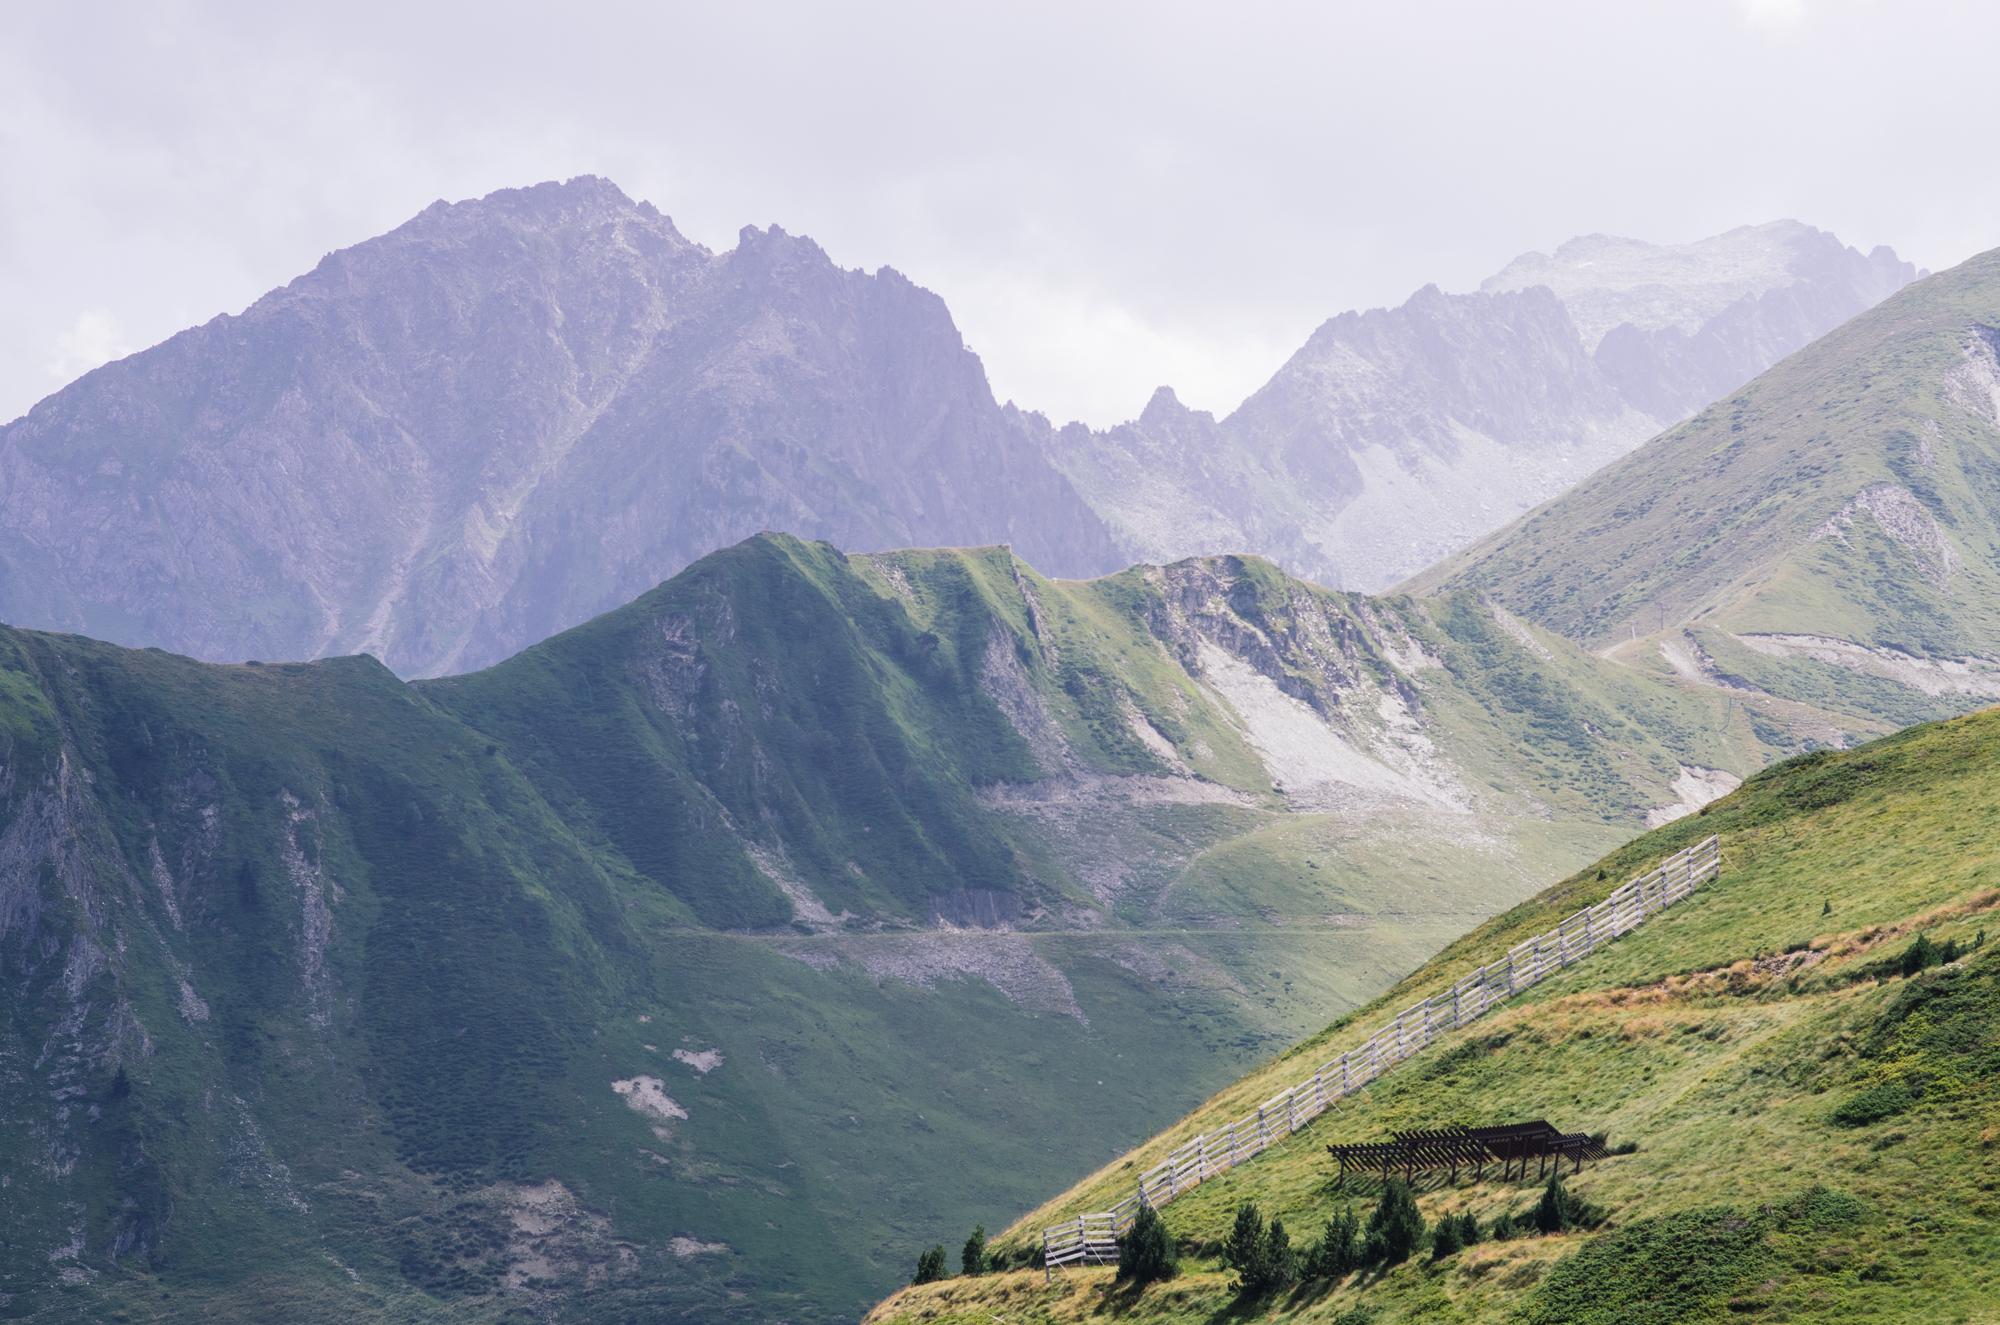 Road-trip en France - Les Pyrénées vues du pic de Viscos